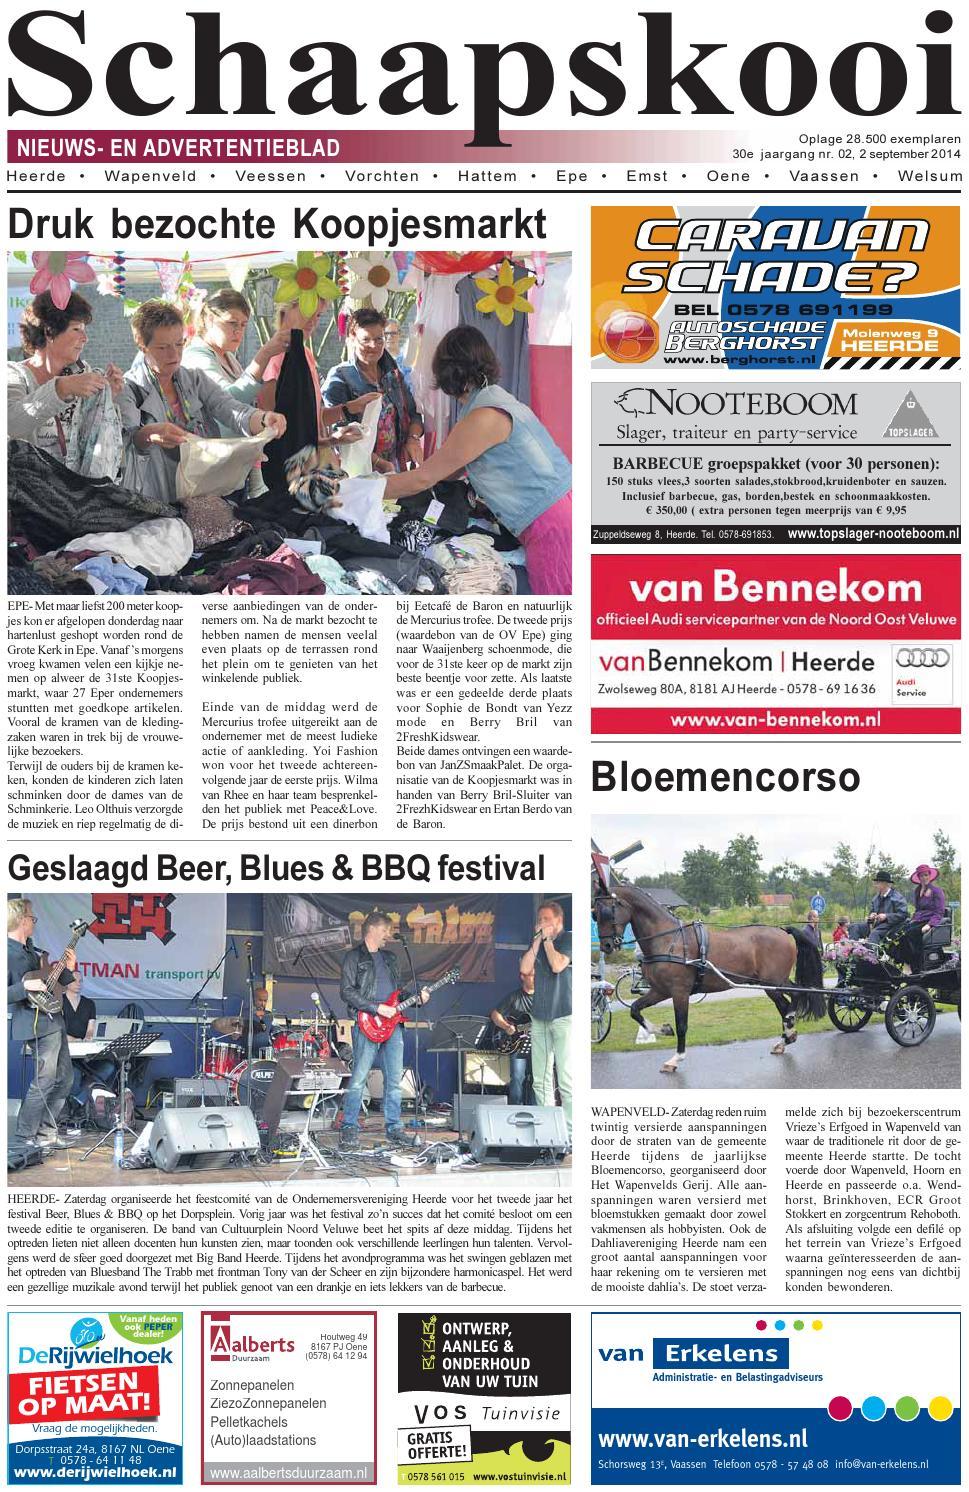 Schaapskooi week 36 2014 by schaapskooi - issuu